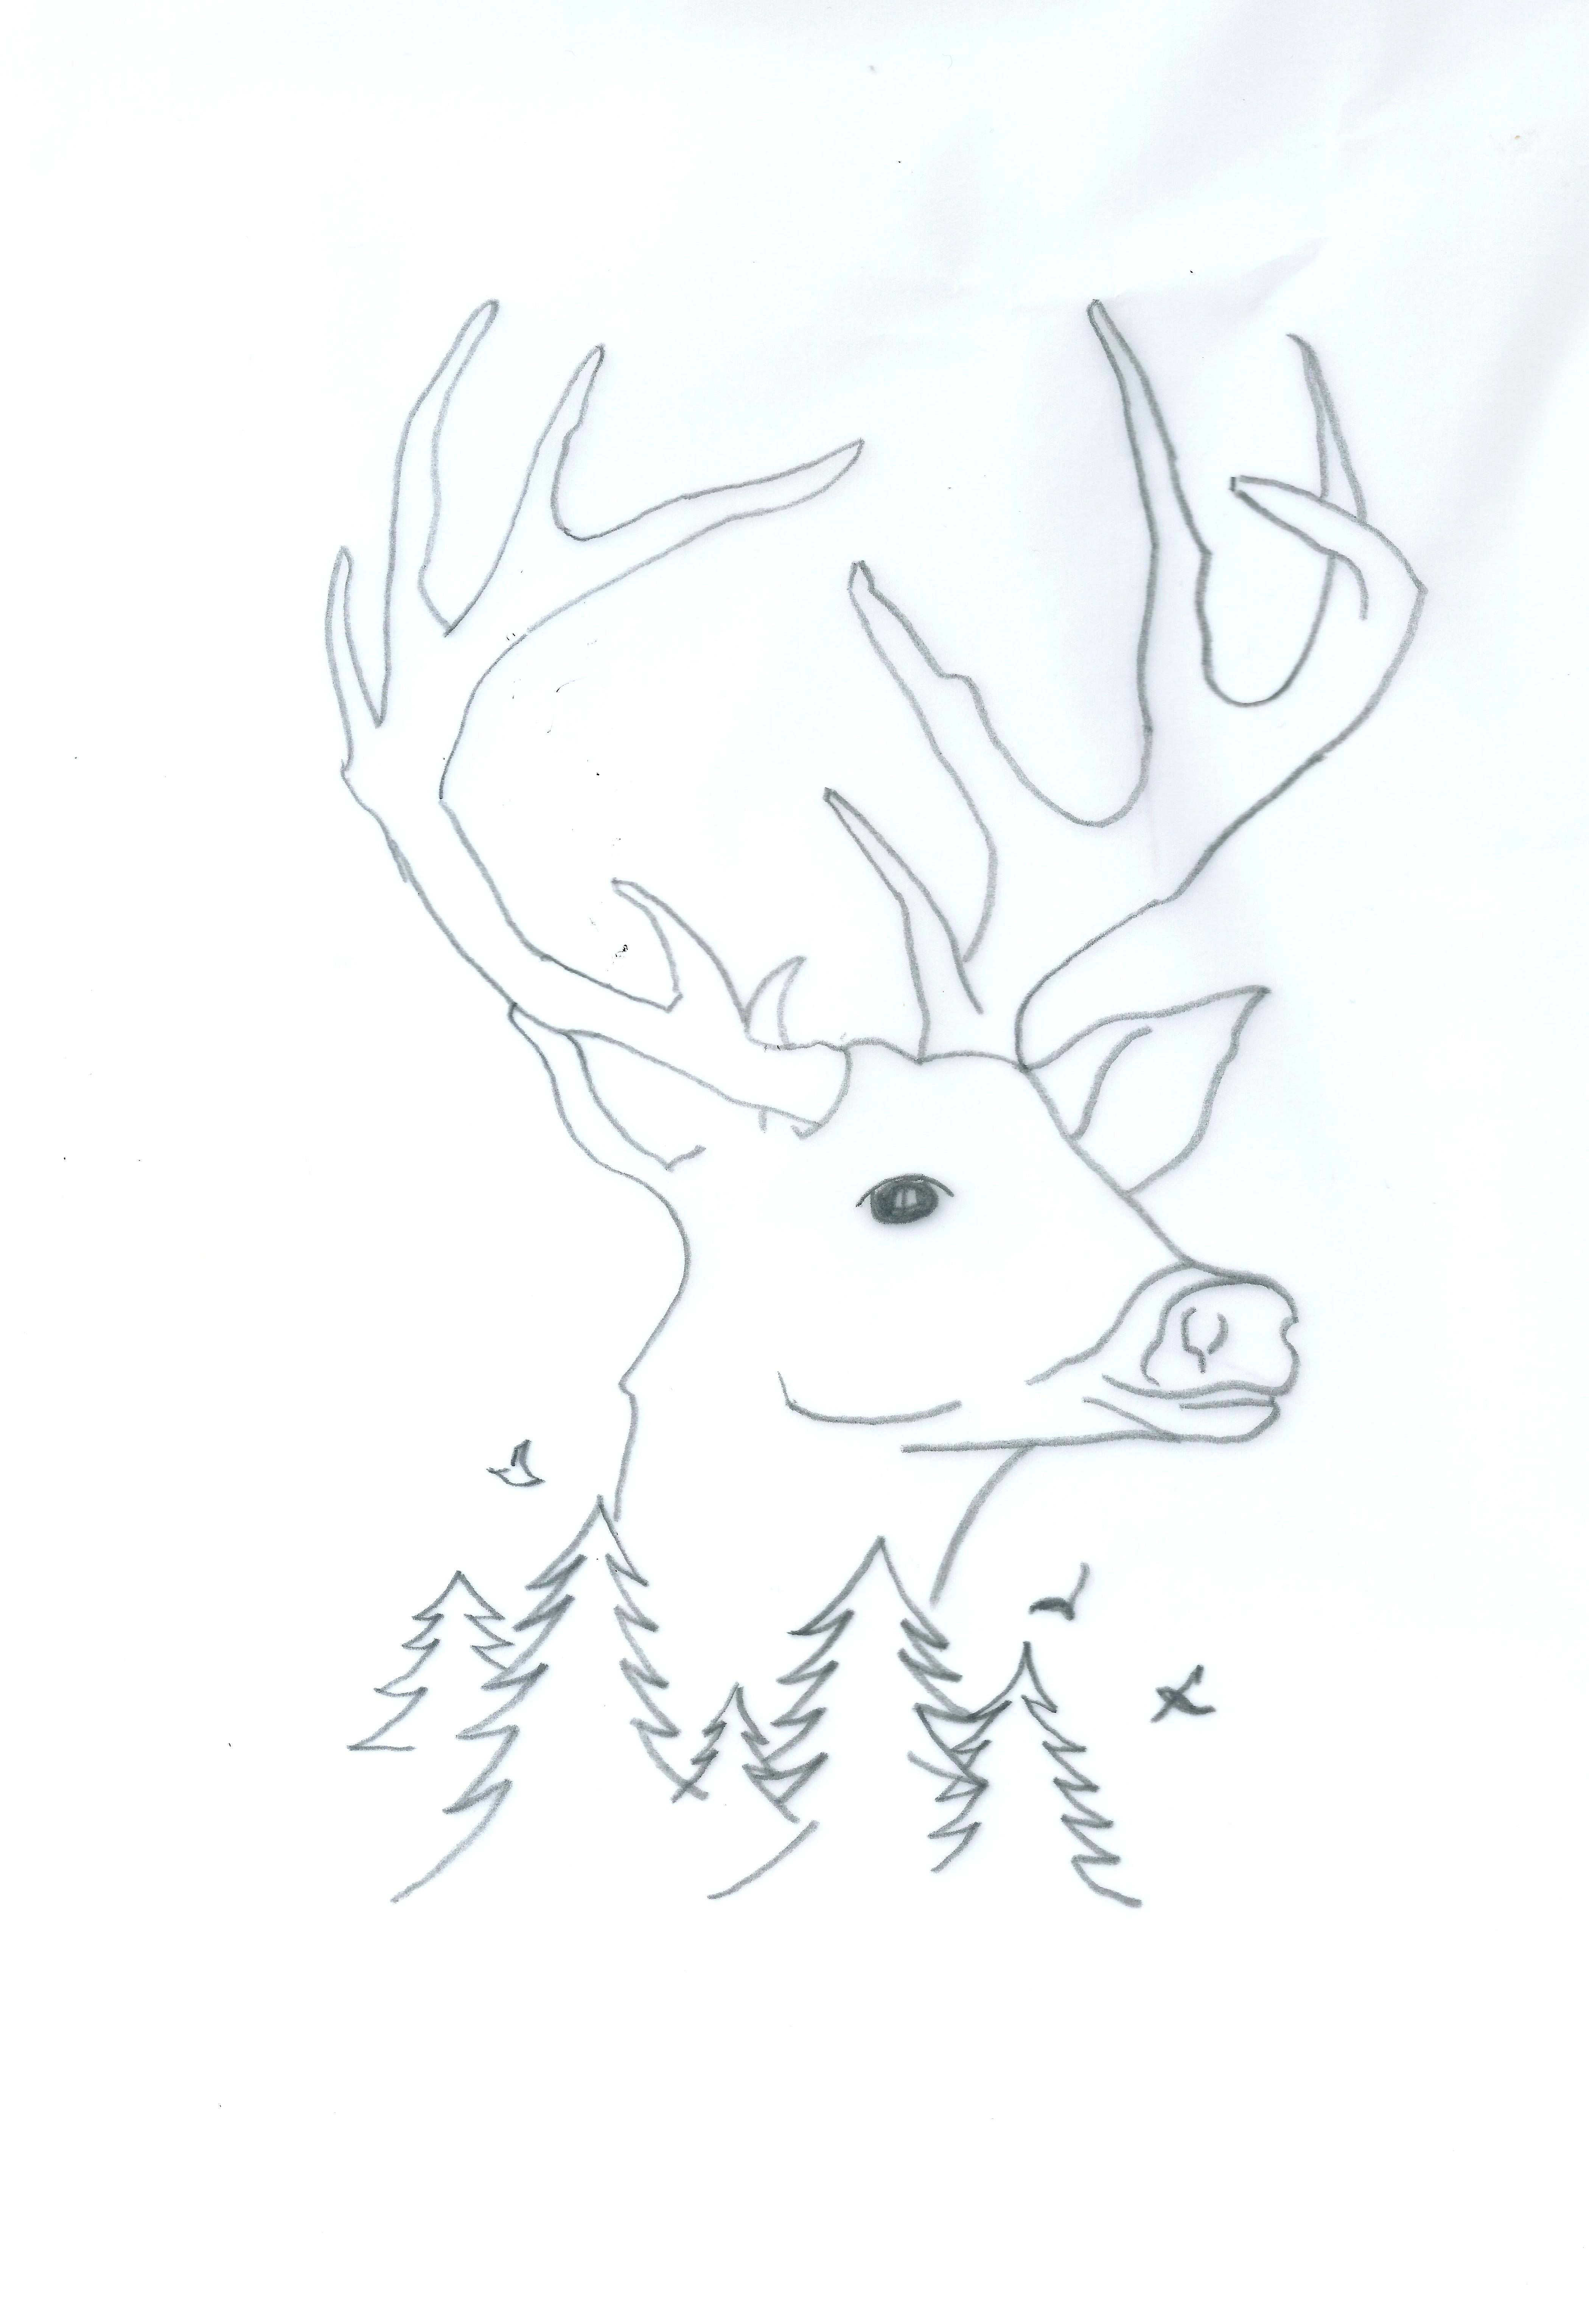 Wild Dessin Aux Cretacolor Noel Pas A Pas Creatifs Loisirs